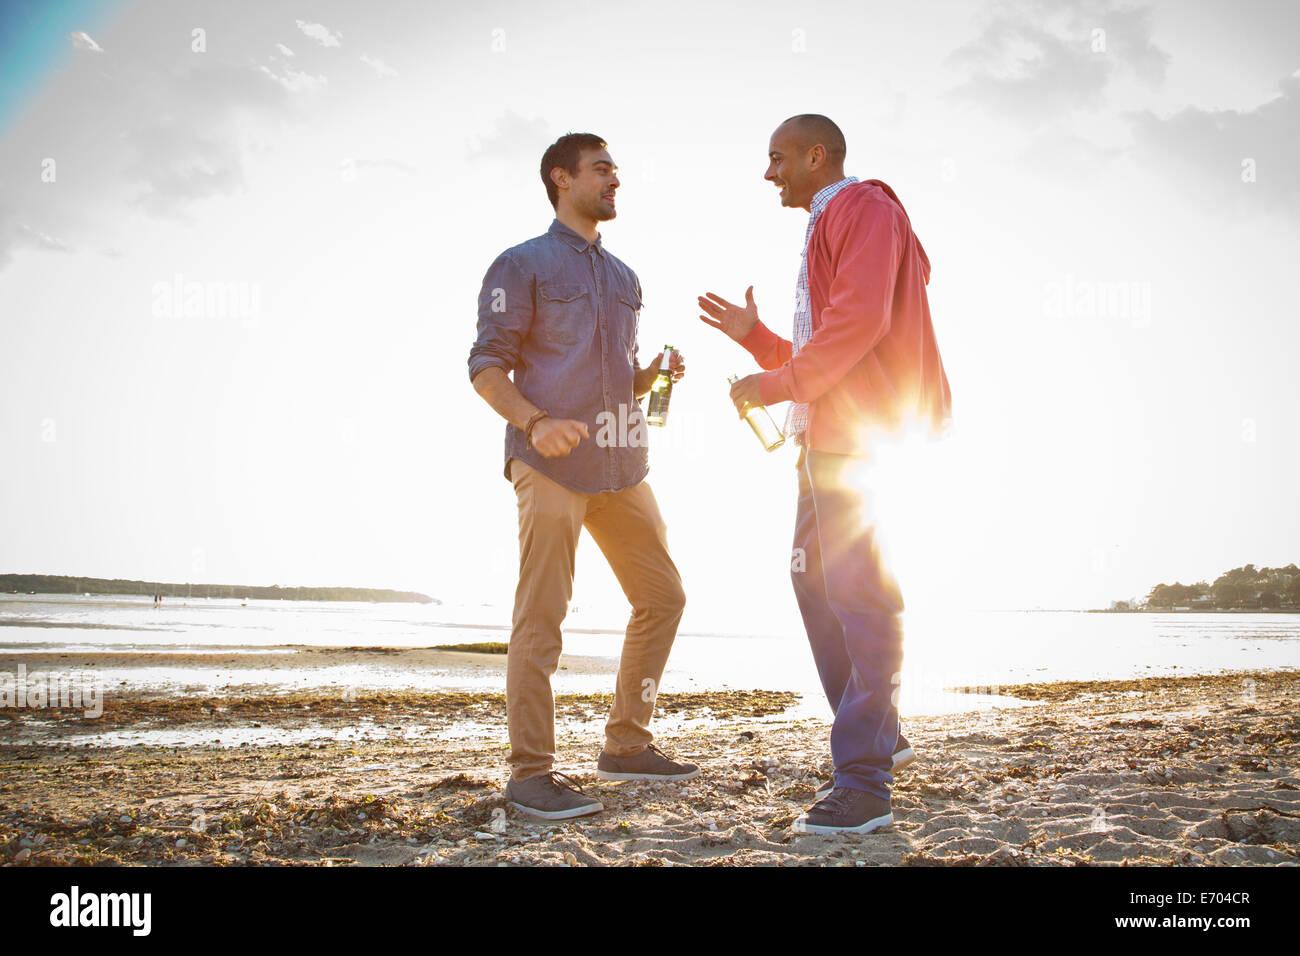 Les hommes de boire une bière et de discuter sur la plage Photo Stock